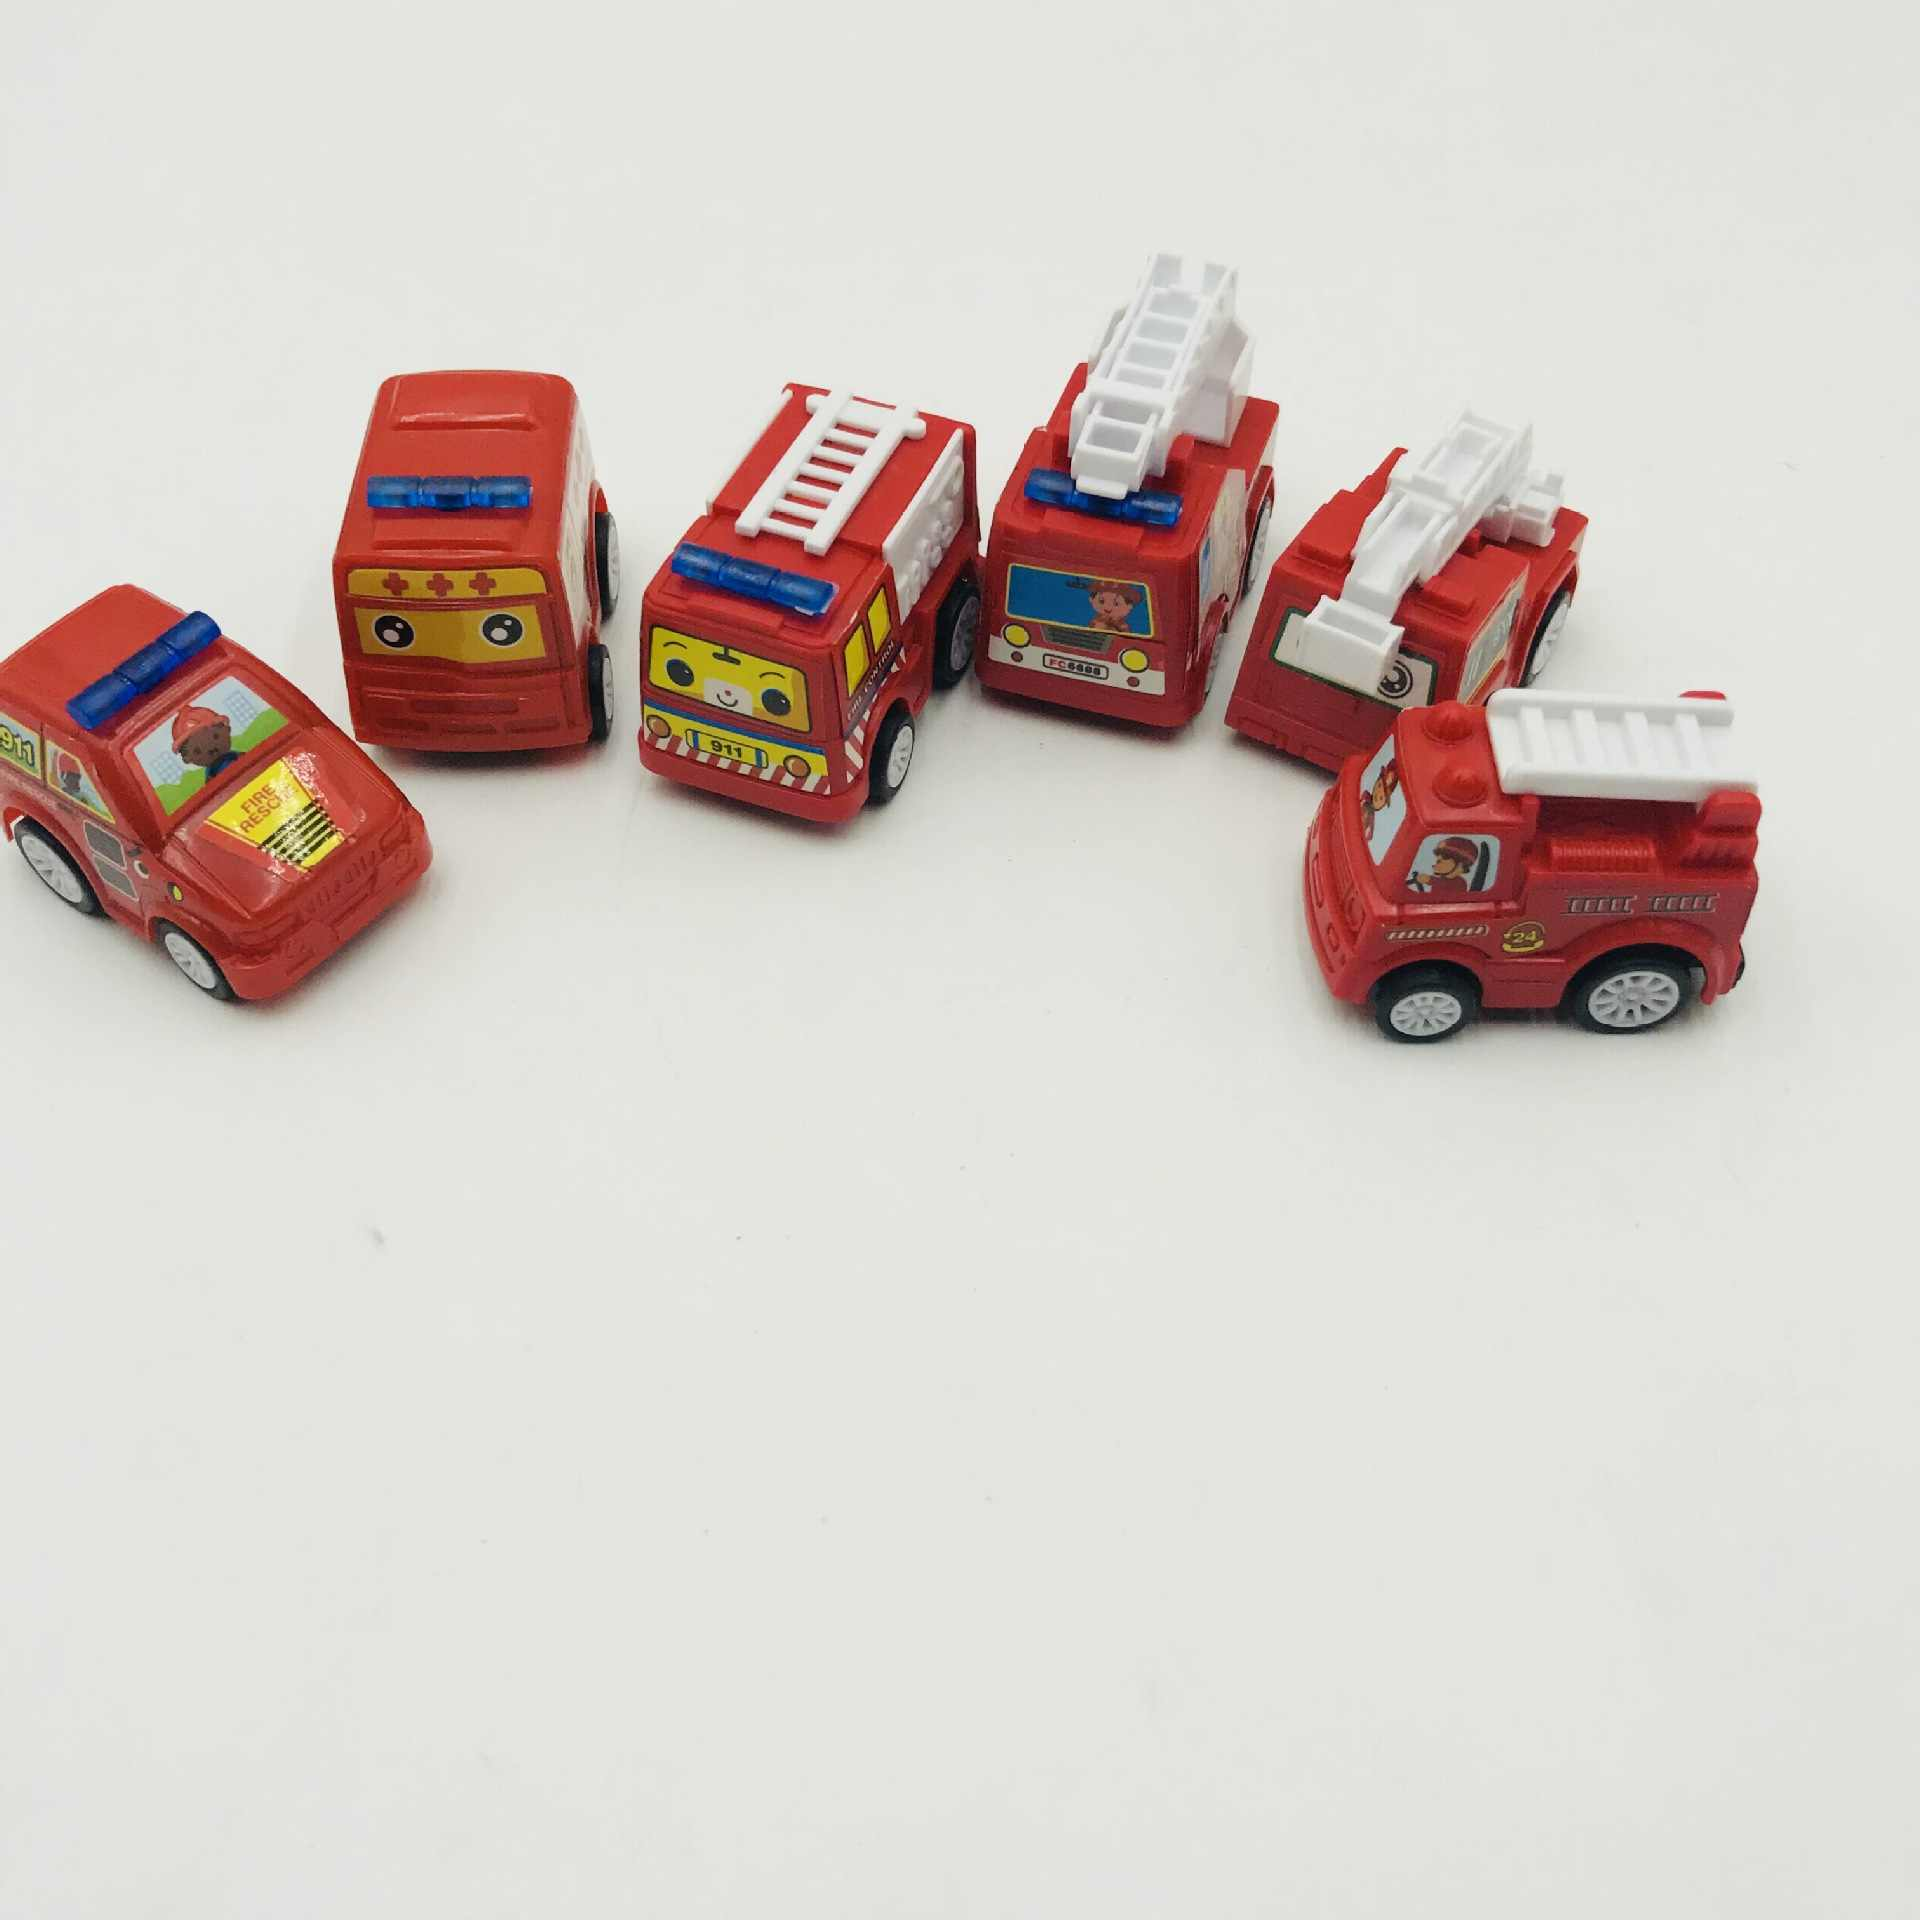 6 Pcs Menarik Kembali Mainan Mobil Mobile Machinery Shop Kendaraan Konstruksi Truk Pemadam Kebakaran Taksi Model Bayi Mobil Mini Hadiah Anak mainan 2019